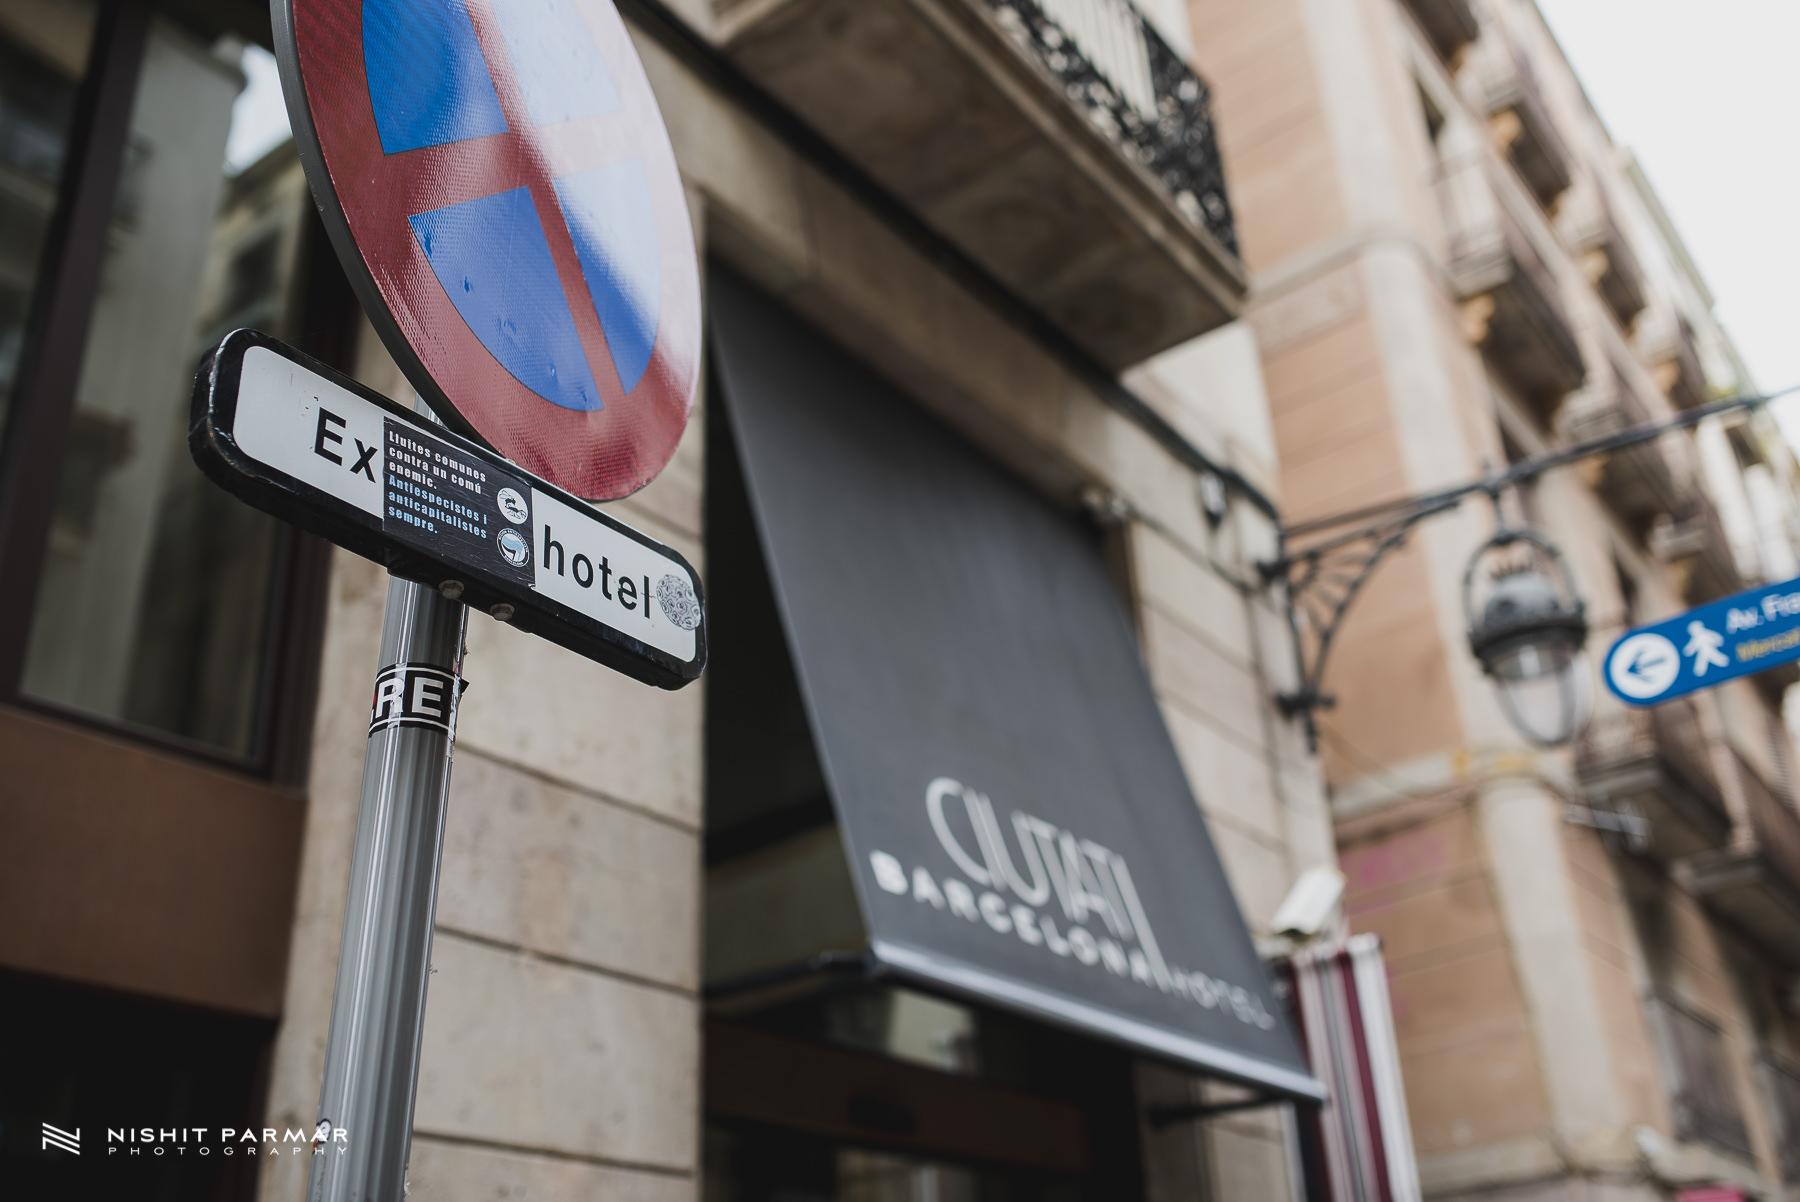 Barcelona Prewedding Shoot Outside Hotel